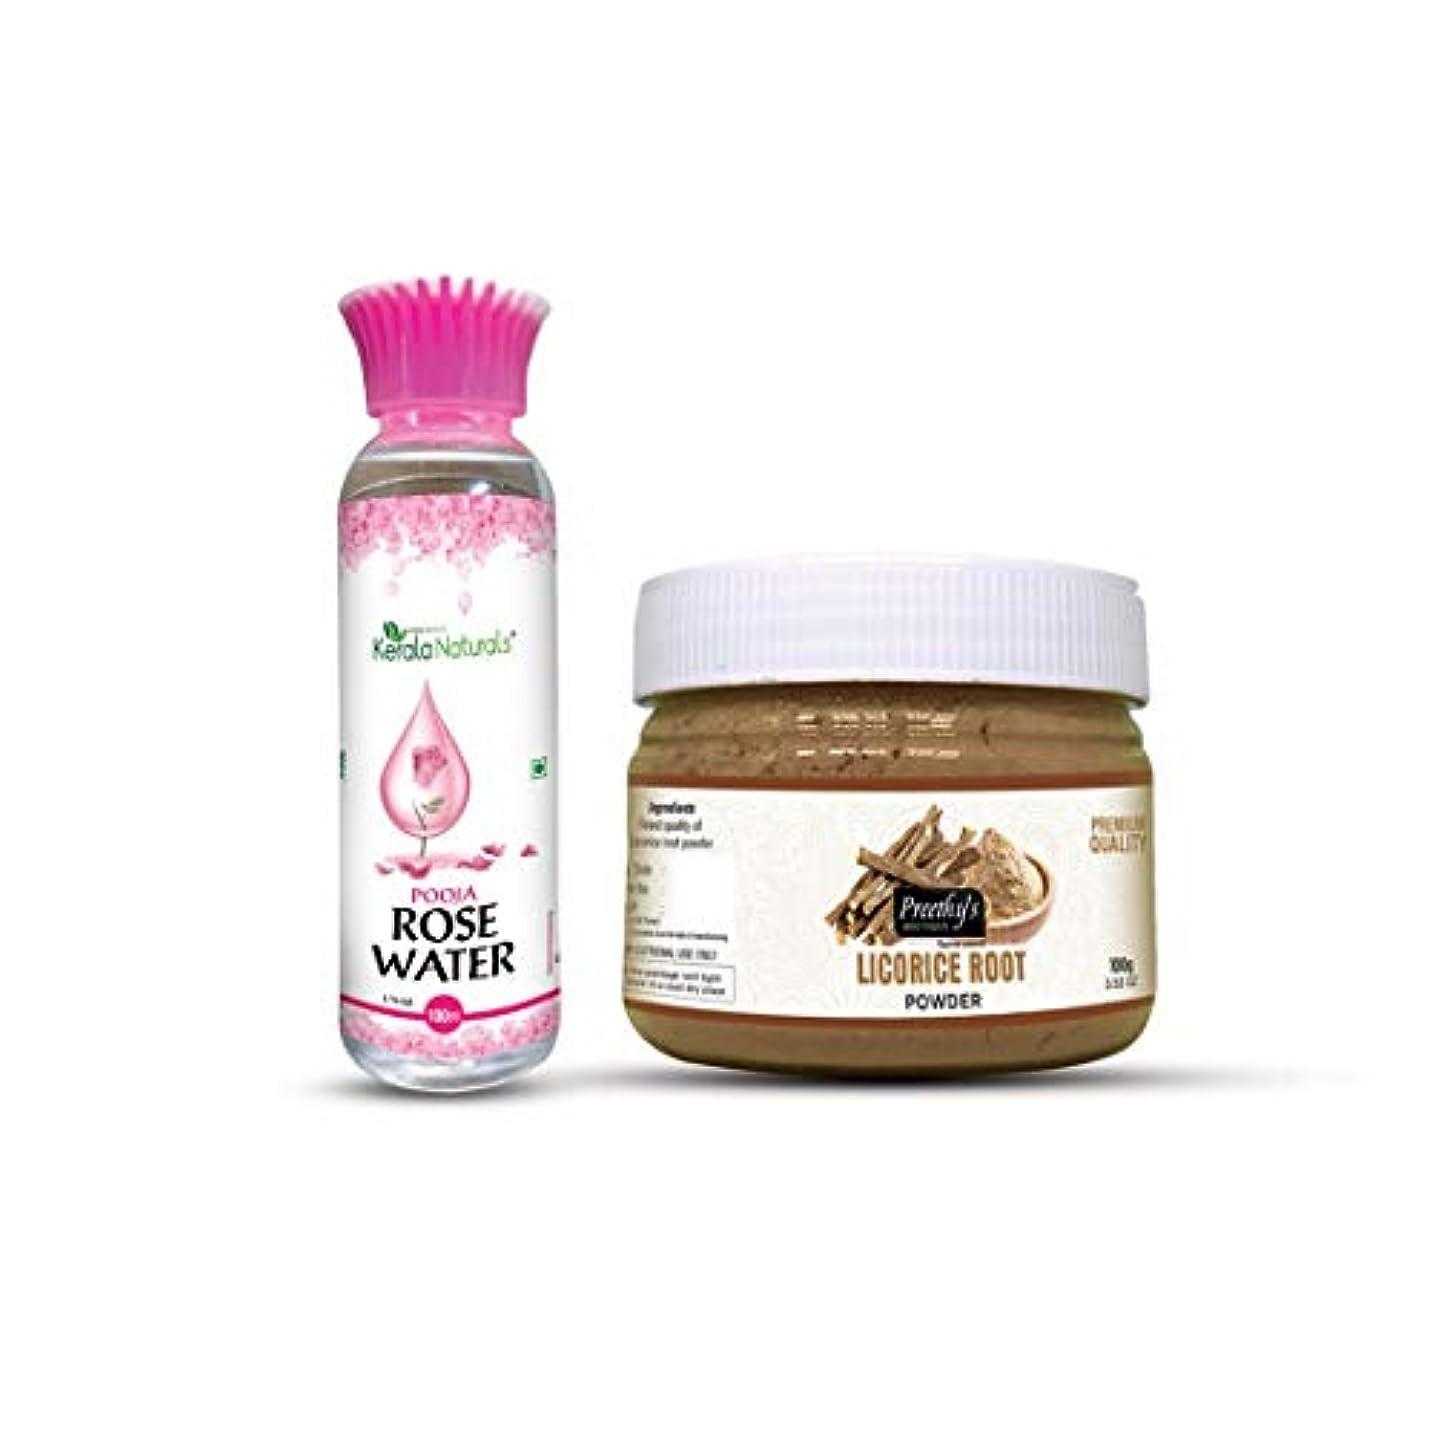 壮大な爆弾適応的Combo of Licorice root powder 100gm + Rose water 100ml - Natural Remedies for Skin Disorders, Fade Dark Spots, Natural Cleanser - 甘草の根パウダー100gm +ローズウォーター100mlのコンボ-皮膚疾患、フェードダークスポット、ナチュラルクレンザーの自然療法